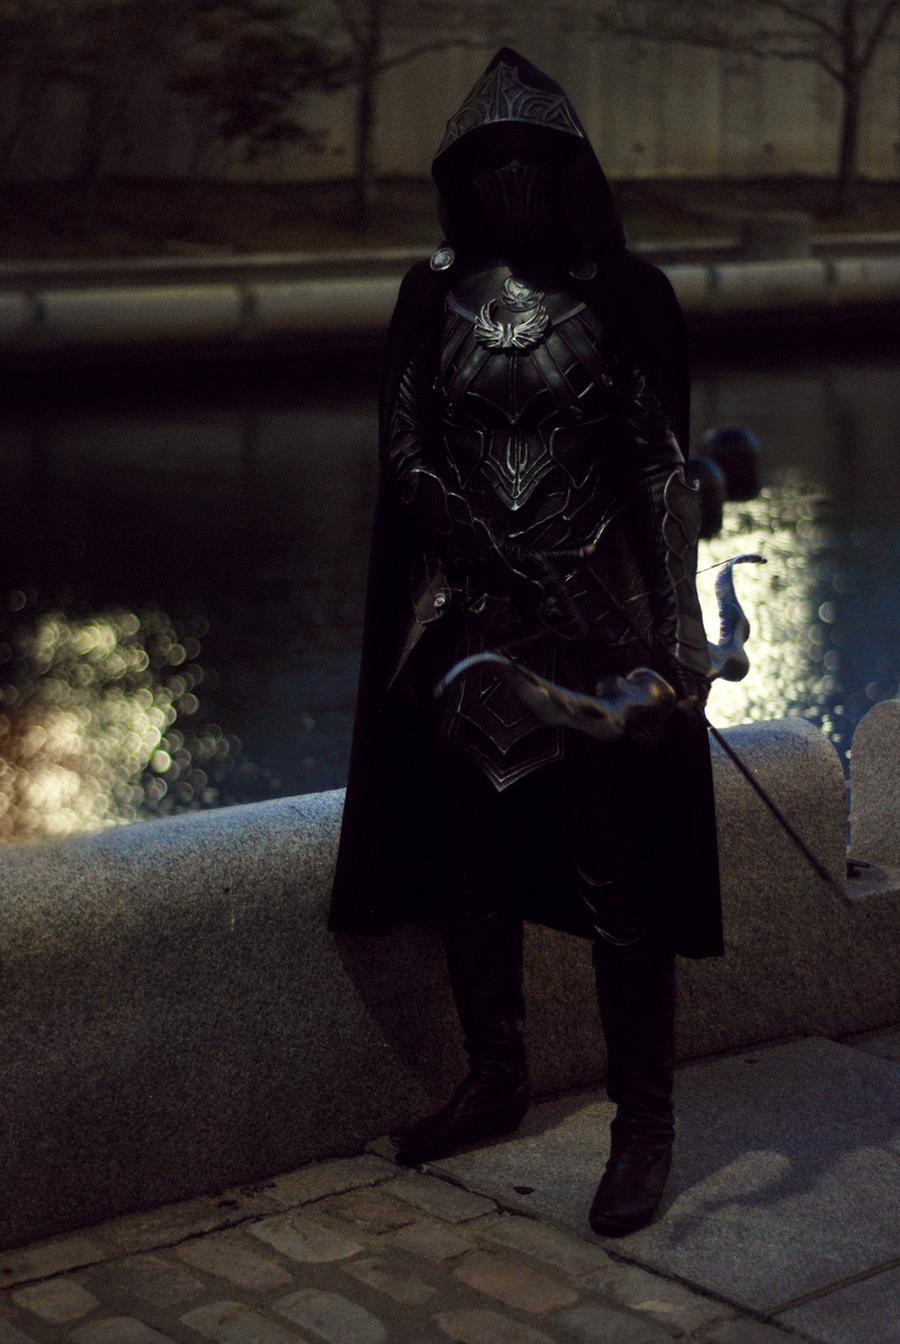 Skyrim Cosplay - Nightingale Armor by Aicosu